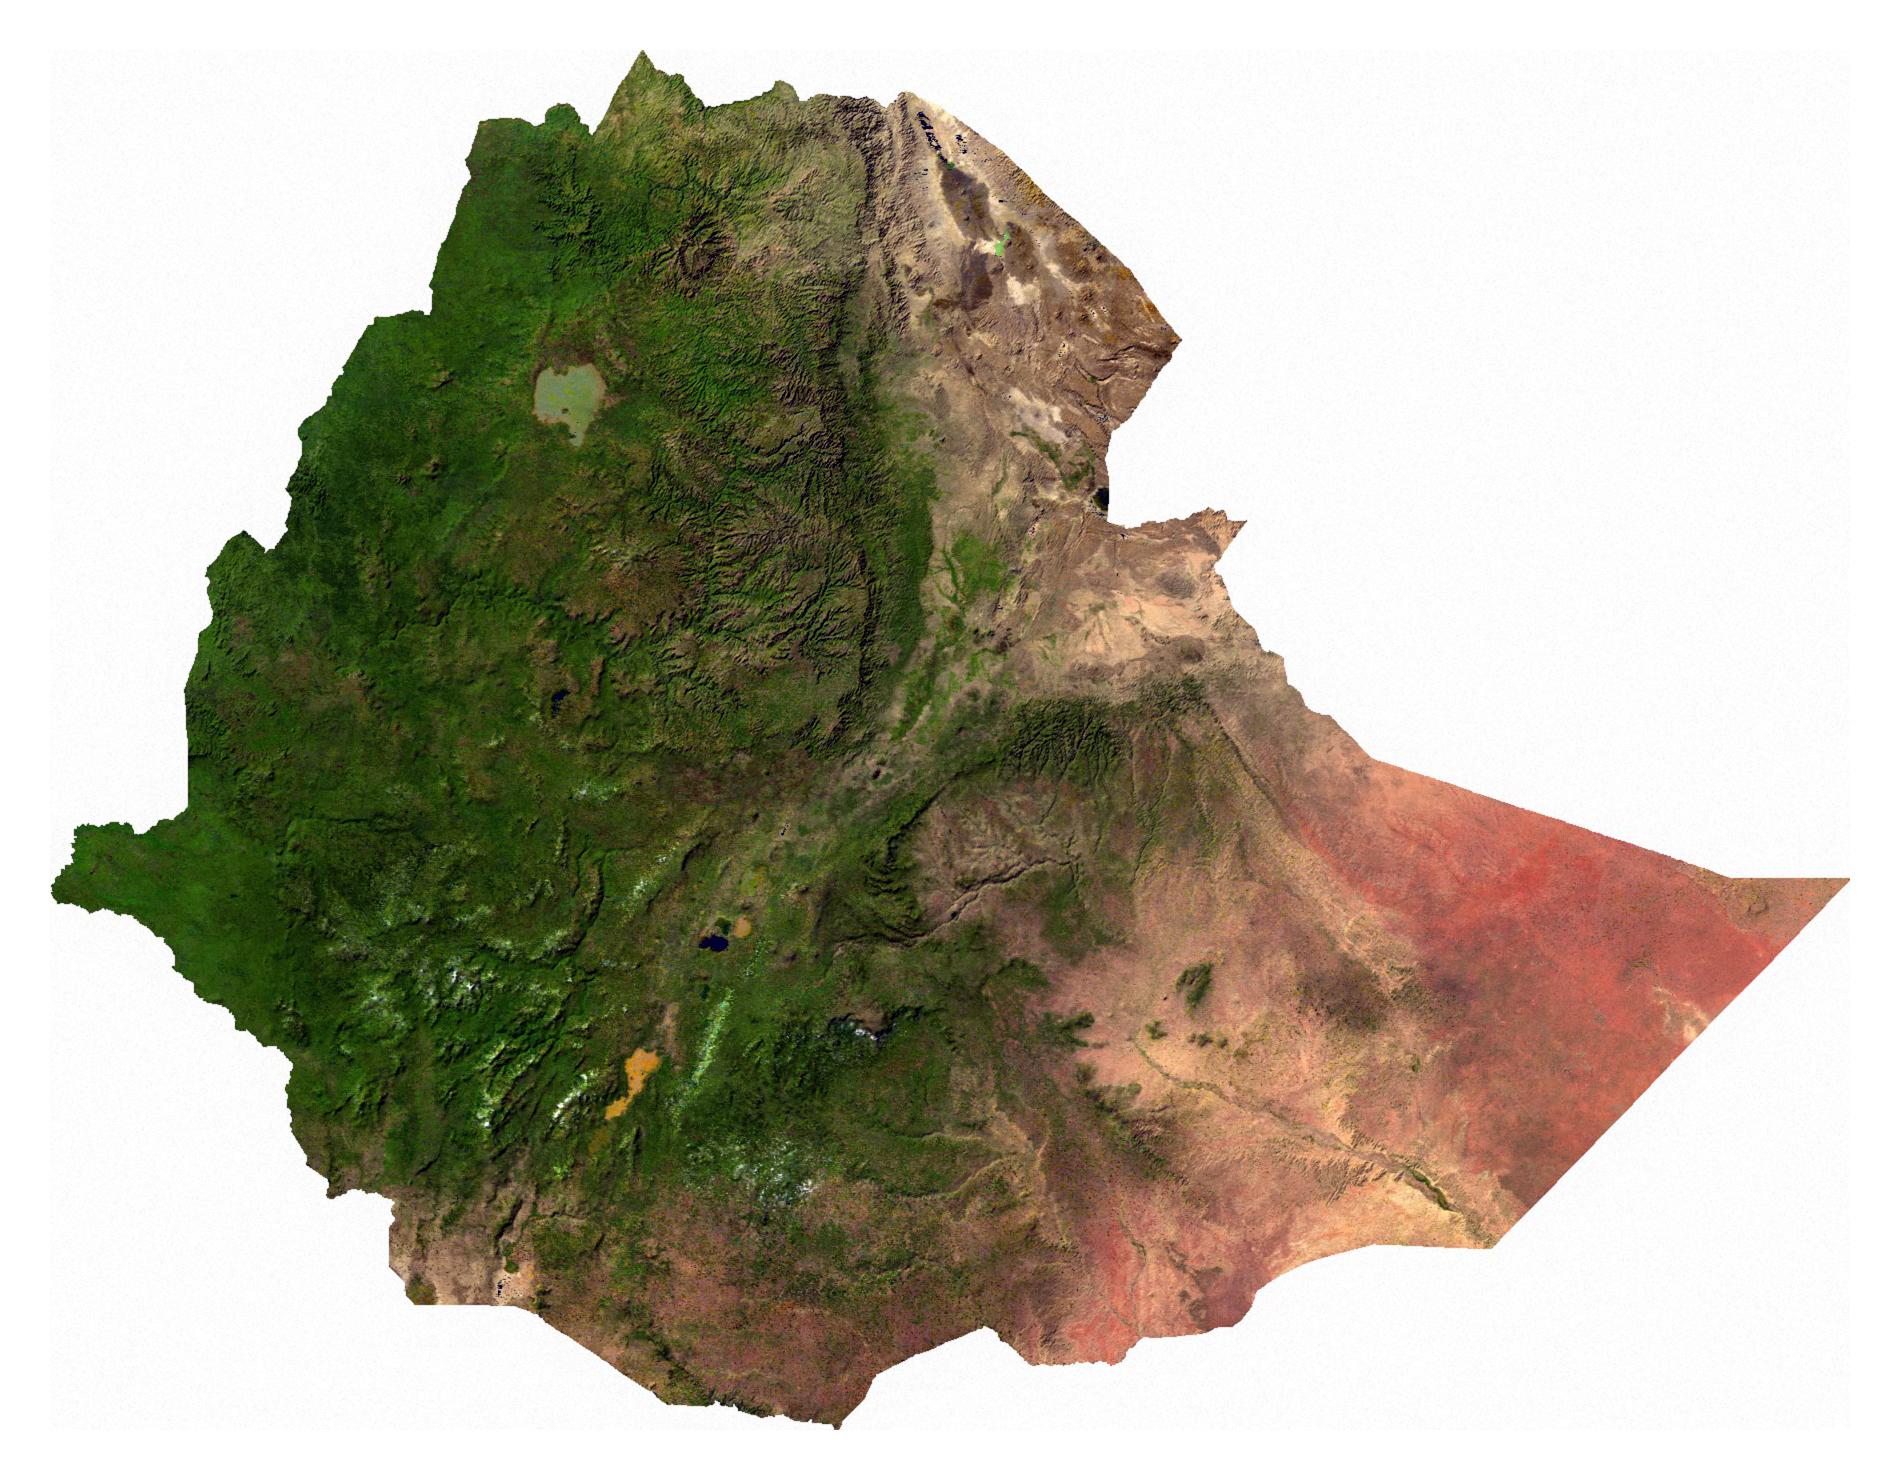 Large satellite map of Ethiopia | Ethiopia | Africa ... on capital of ethiopia, afar region ethiopia, elevation of ethiopia, national flag of ethiopia, awash ethiopia, native animal in ethiopia, flora of ethiopia, satellite map kenya, village of ethiopia, city of ethiopia, road map ethiopia, gojjam ethiopia, geographic features of ethiopia, king of ethiopia, food of ethiopia, coordinates of ethiopia, aerial view of ethiopia, sodo ethiopia, nazret ethiopia,